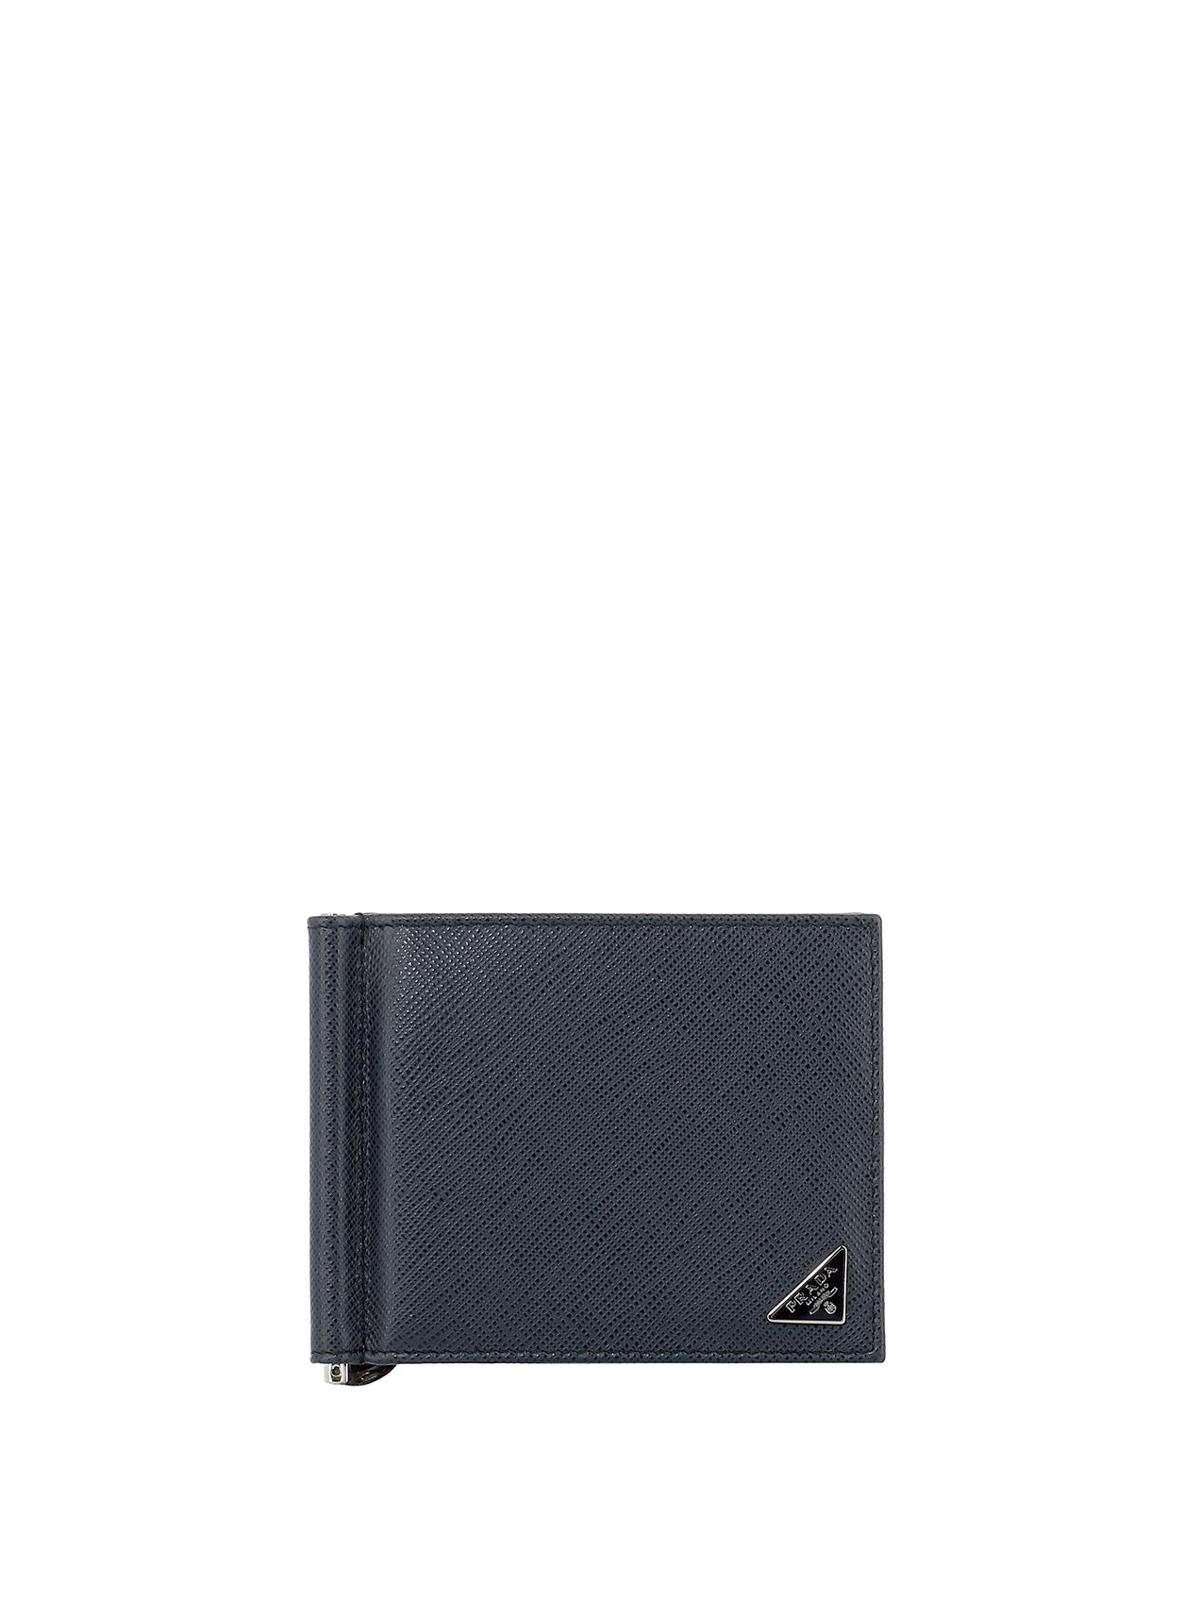 84034c9b31de Prada - Blue saffiano wallet with money clip - wallets & purses ...